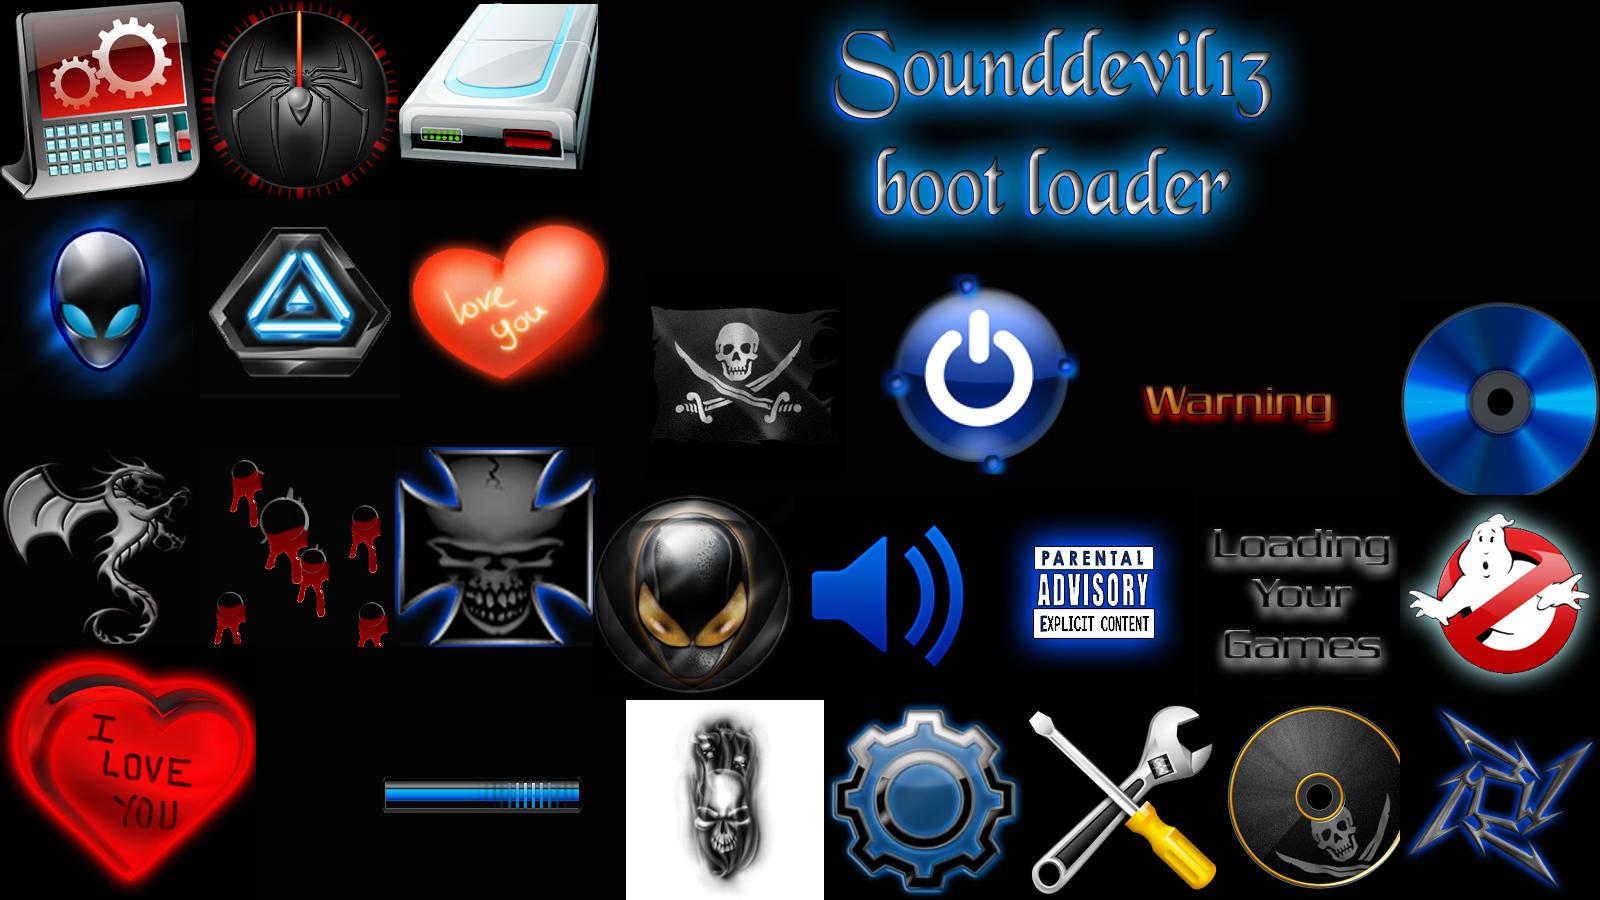 sounddevil 13 boot loaders by sounddevil13